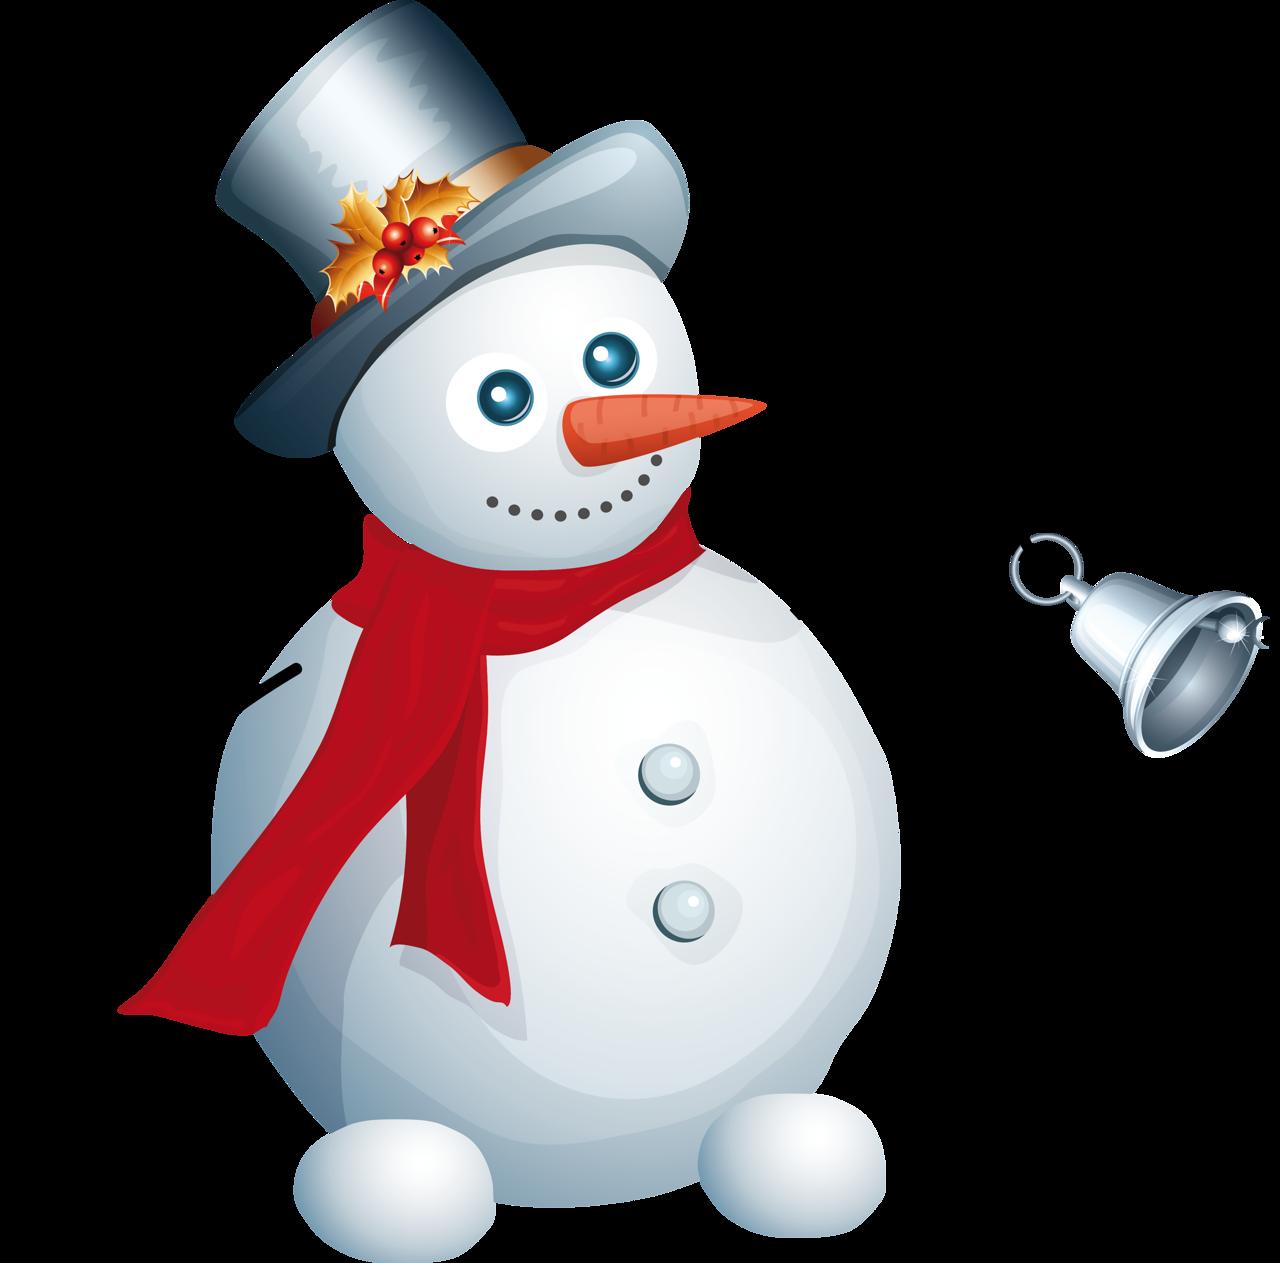 танцующий снеговик картинки современной психологии